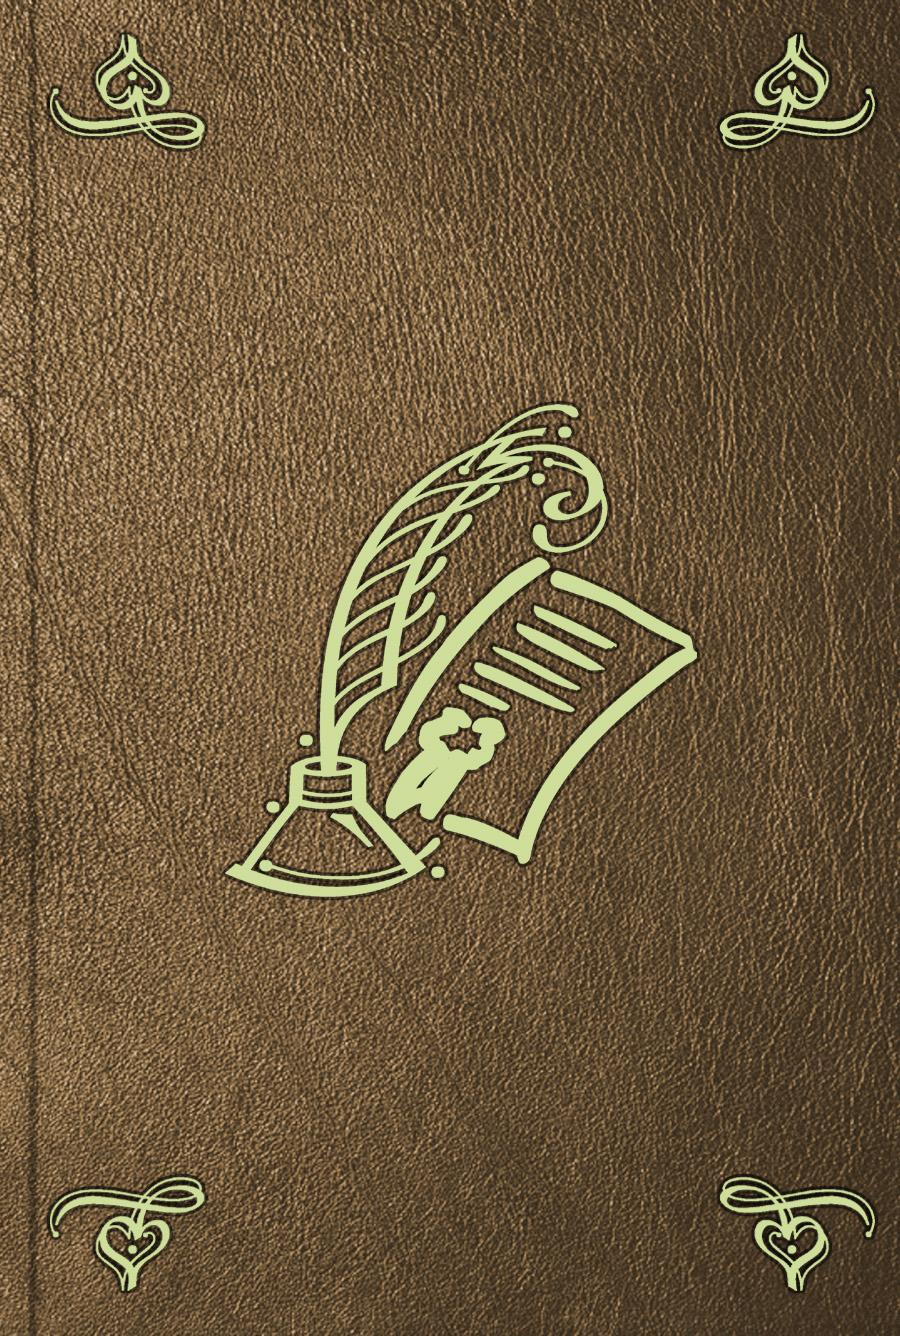 Отсутствует Устав купеческаго водоходства по рекам, водам и морям. Ч. 1 отсутствует сравнительные словари всех языков и наречий отделение 1 ч 1